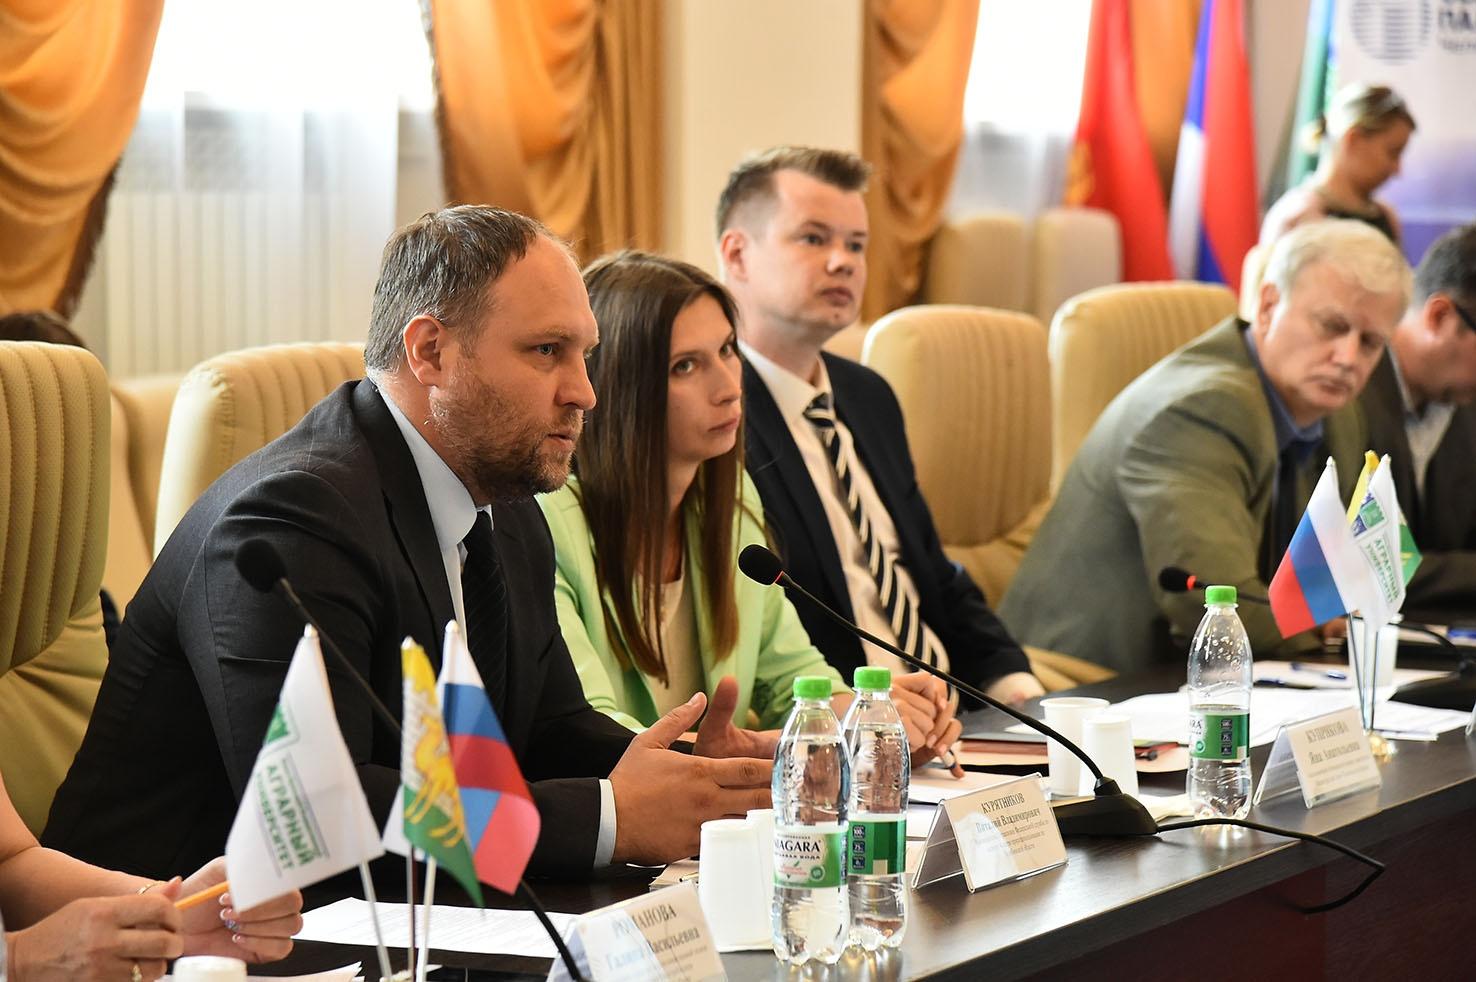 Руководитель Росприроднадзора Виталий Курятников признал, что проделана серьезная работа